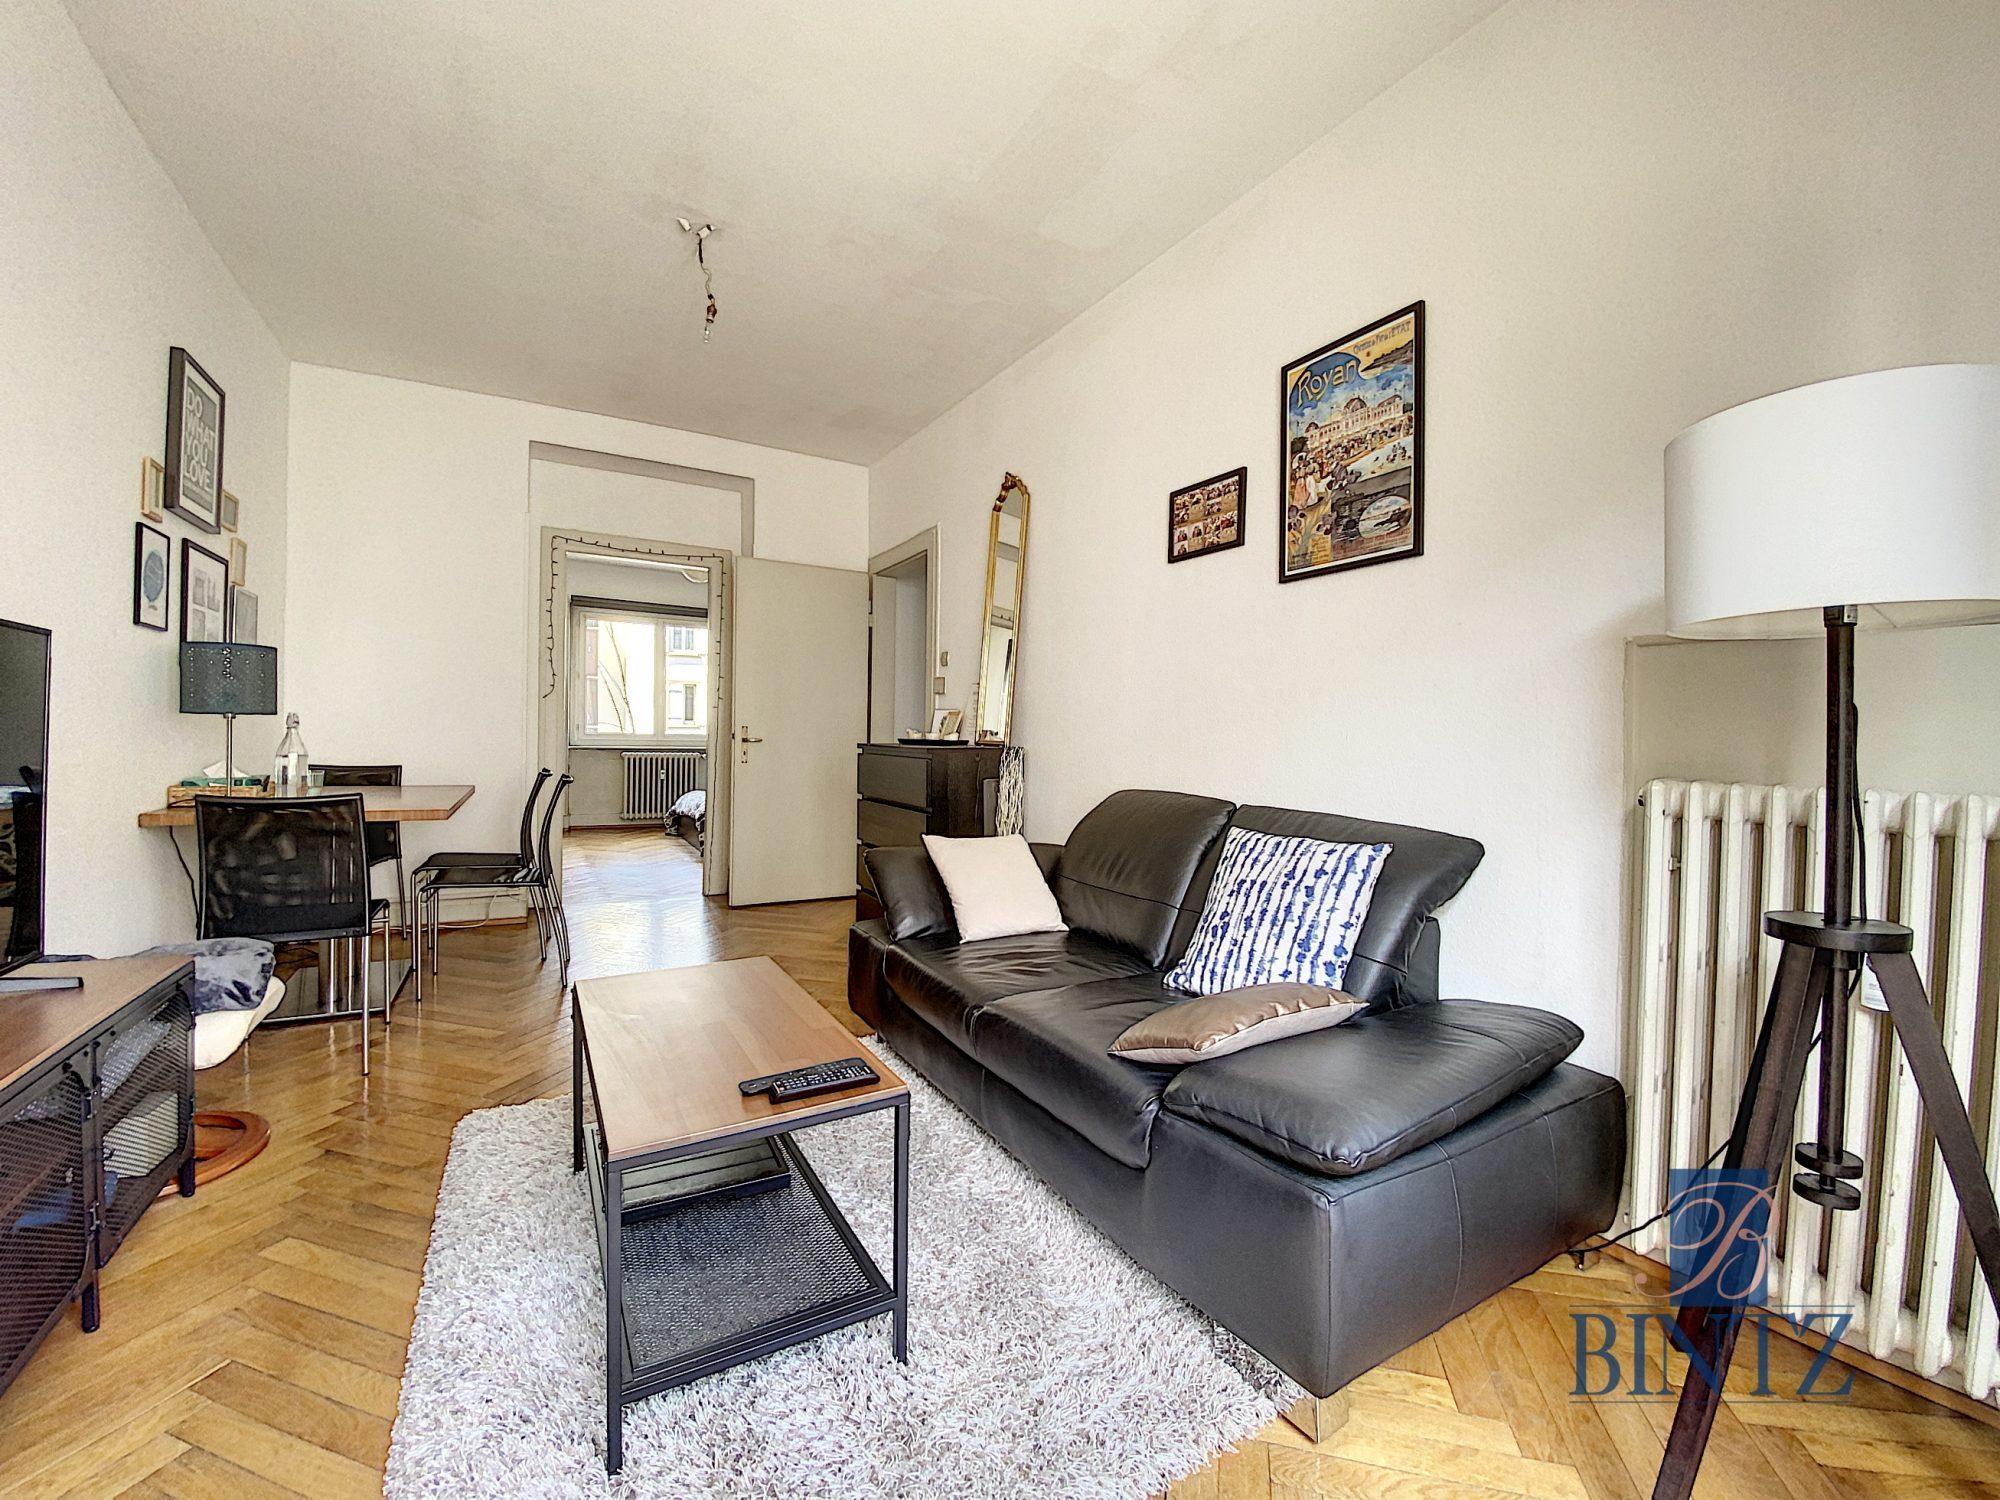 2 PIECES AVEC BALCON KRUTENAU - Devenez locataire en toute sérénité - Bintz Immobilier - 2